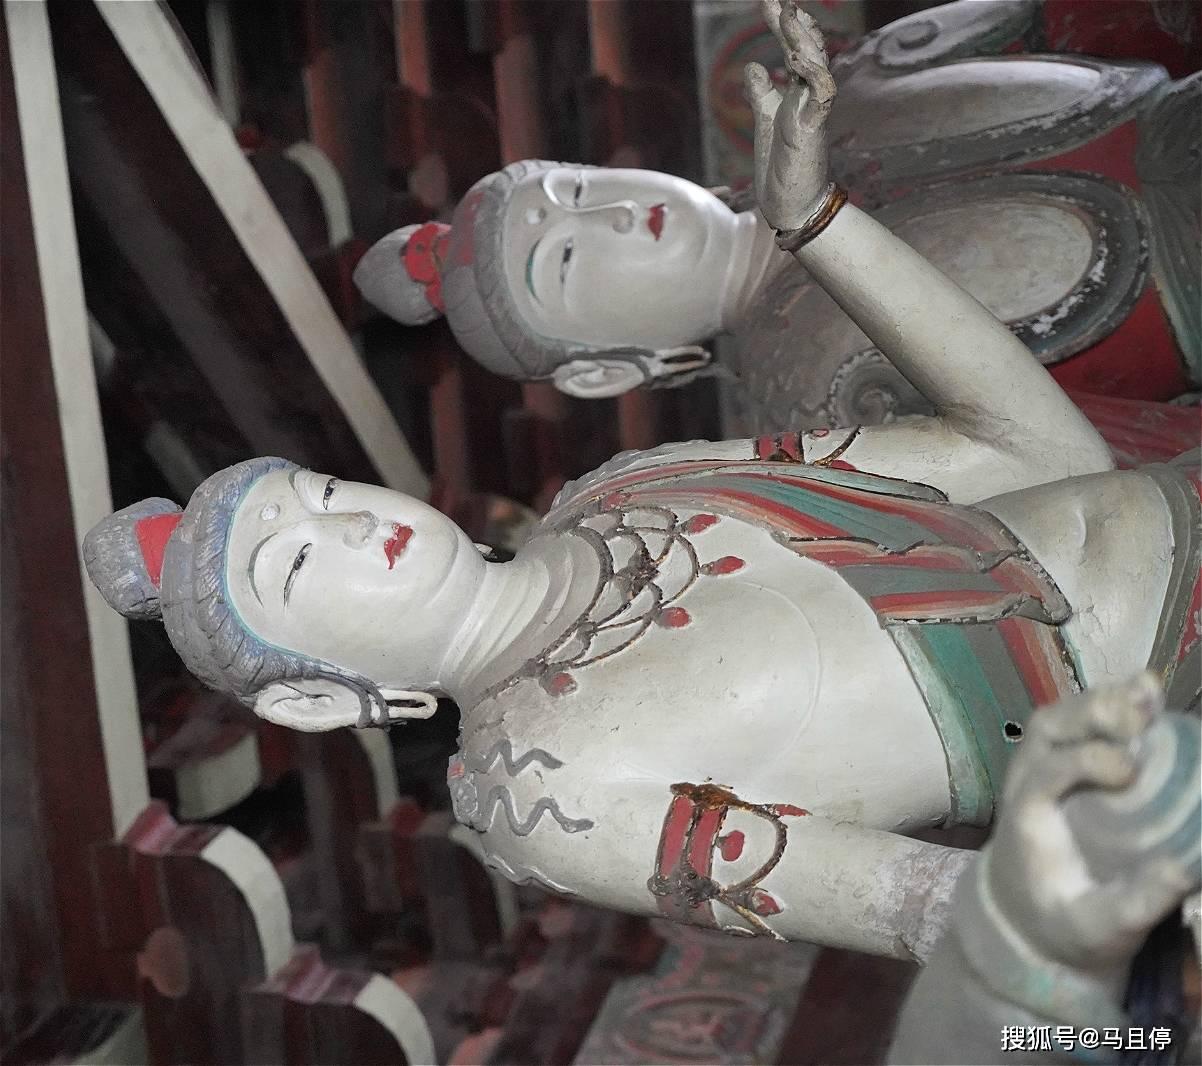 山西平遥有个冷门寺庙,比灵隐寺小众太多,还可看到1000多年的建筑  第7张